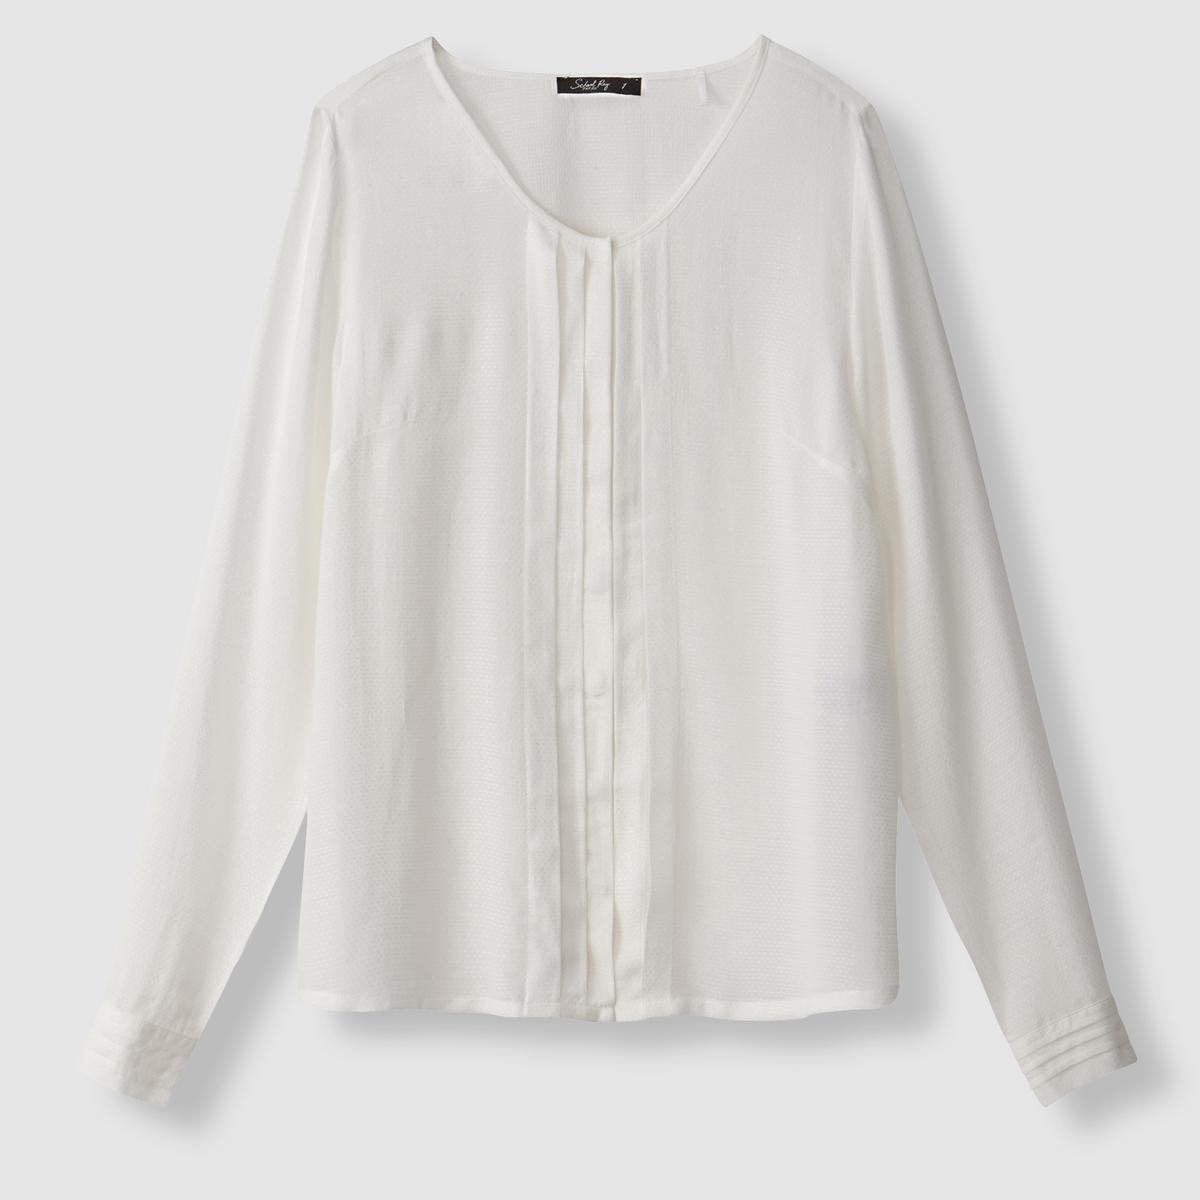 Блузка с длинными рукавами и плиссировкой, CELIANEСостав и описаниеМарка : SCHOOL RAG.Модель : CELIANEМатериал : 100% вискозы<br><br>Цвет: белый<br>Размер: M